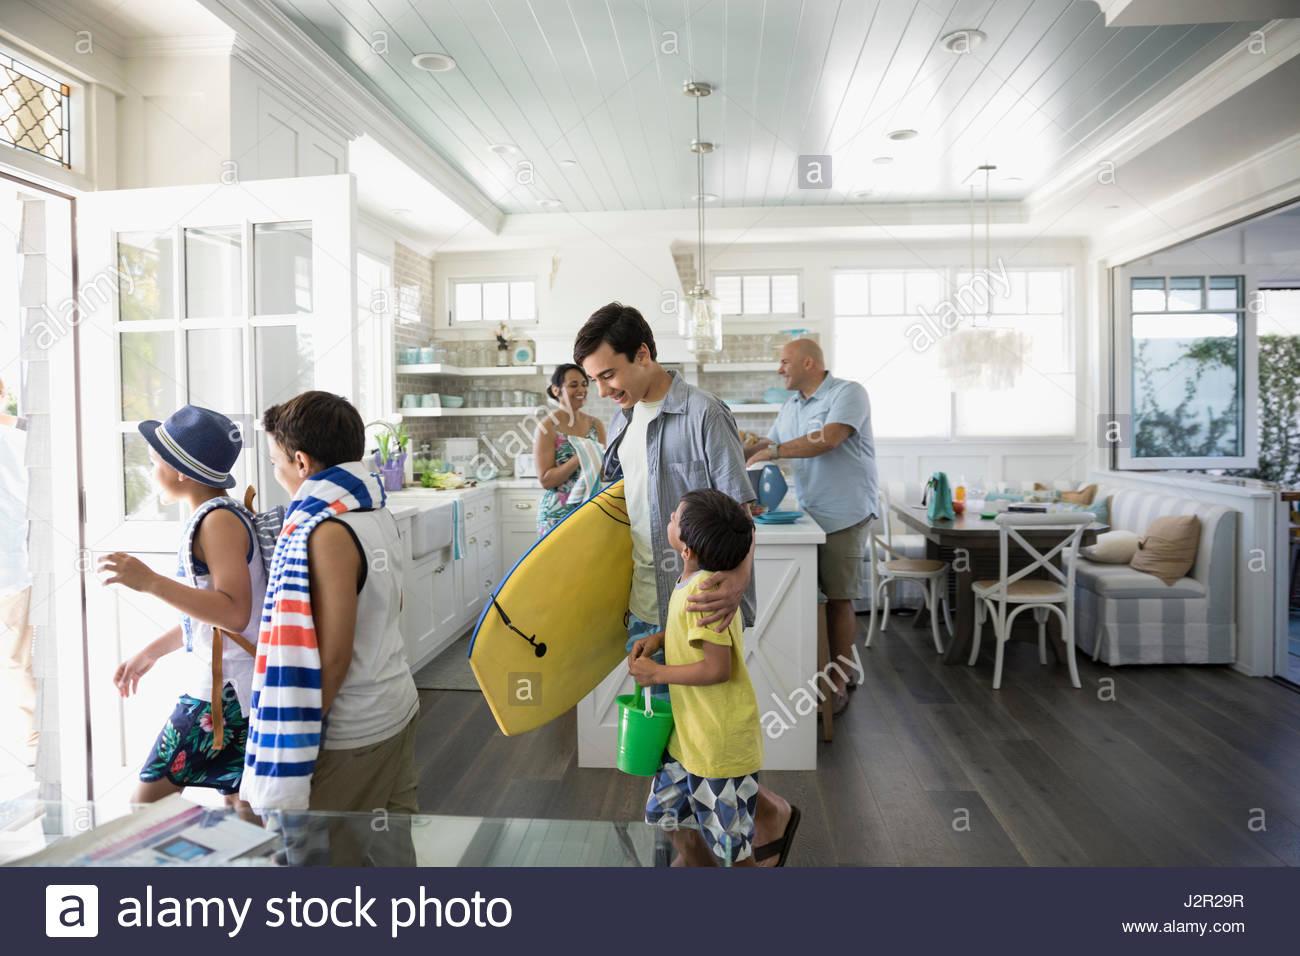 Famille avec le body-board et serviette de plage laissant beach house Photo Stock